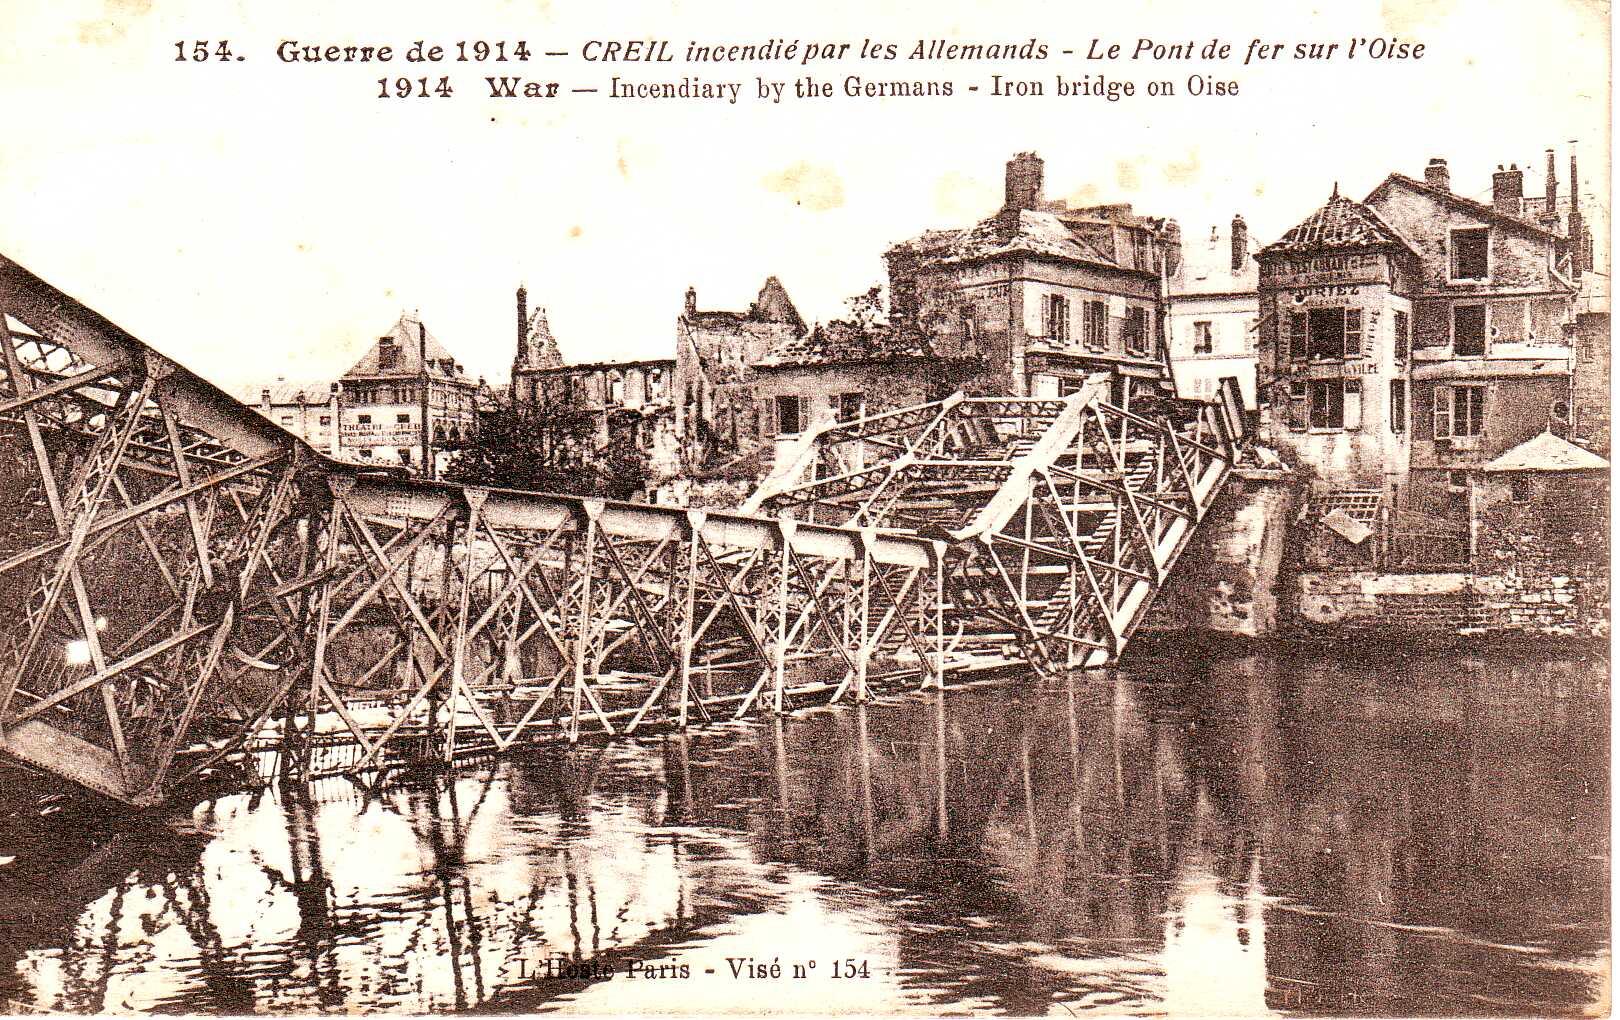 Creil-Pont-De-Fer-Sur-Oise.jpg